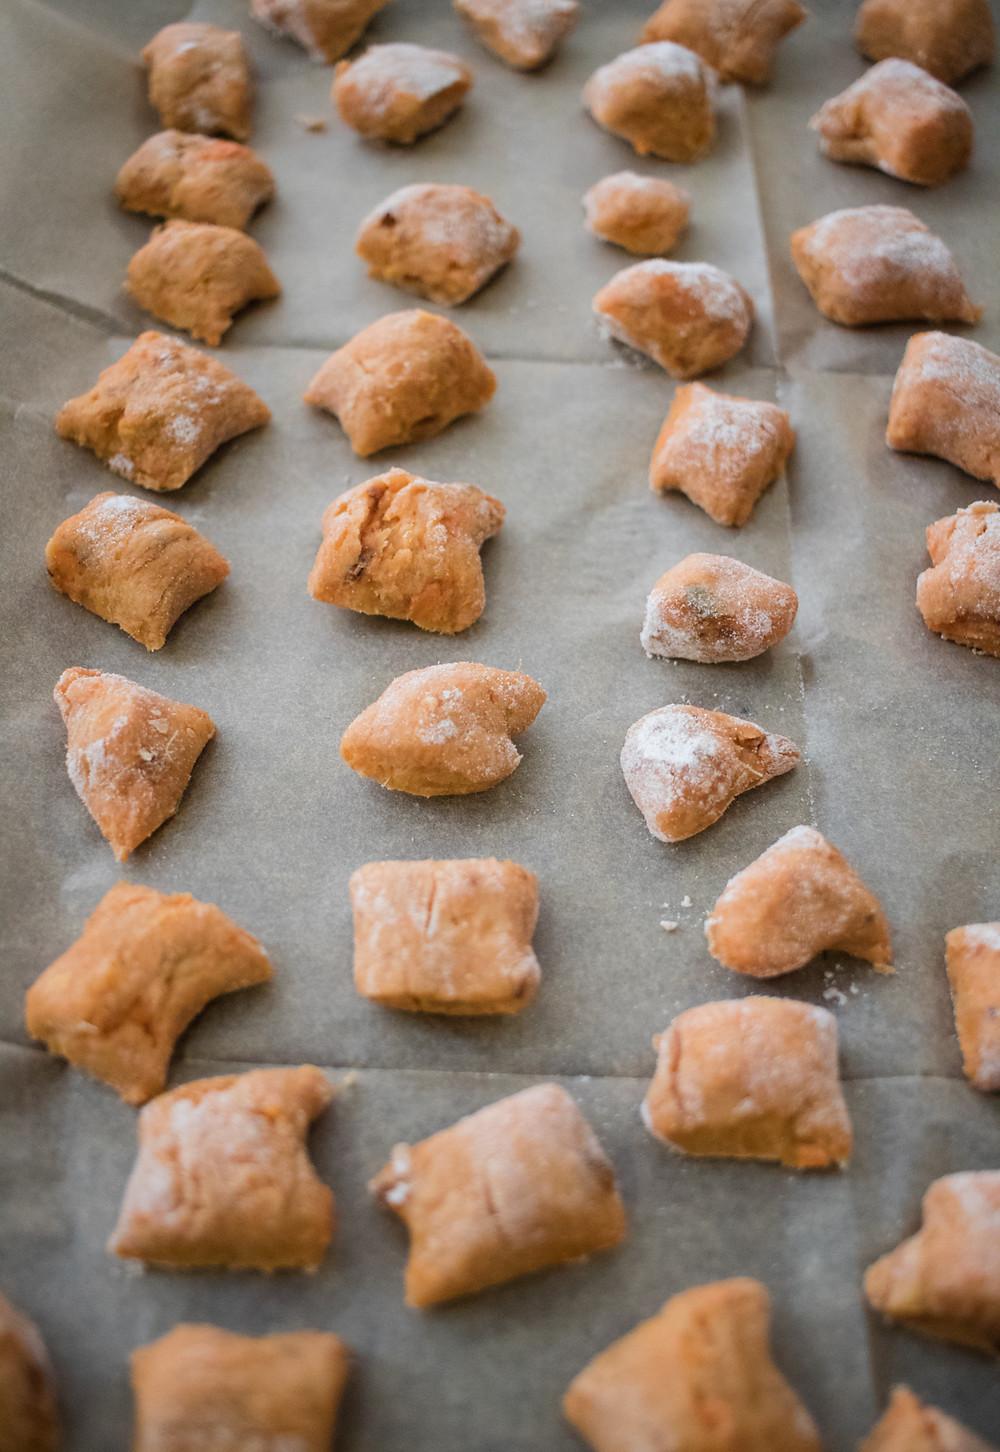 ניוקי בטטה טבעוני עם קמח כוסמין מלא ברוטב שמנת טבעוני וממרח פסטו